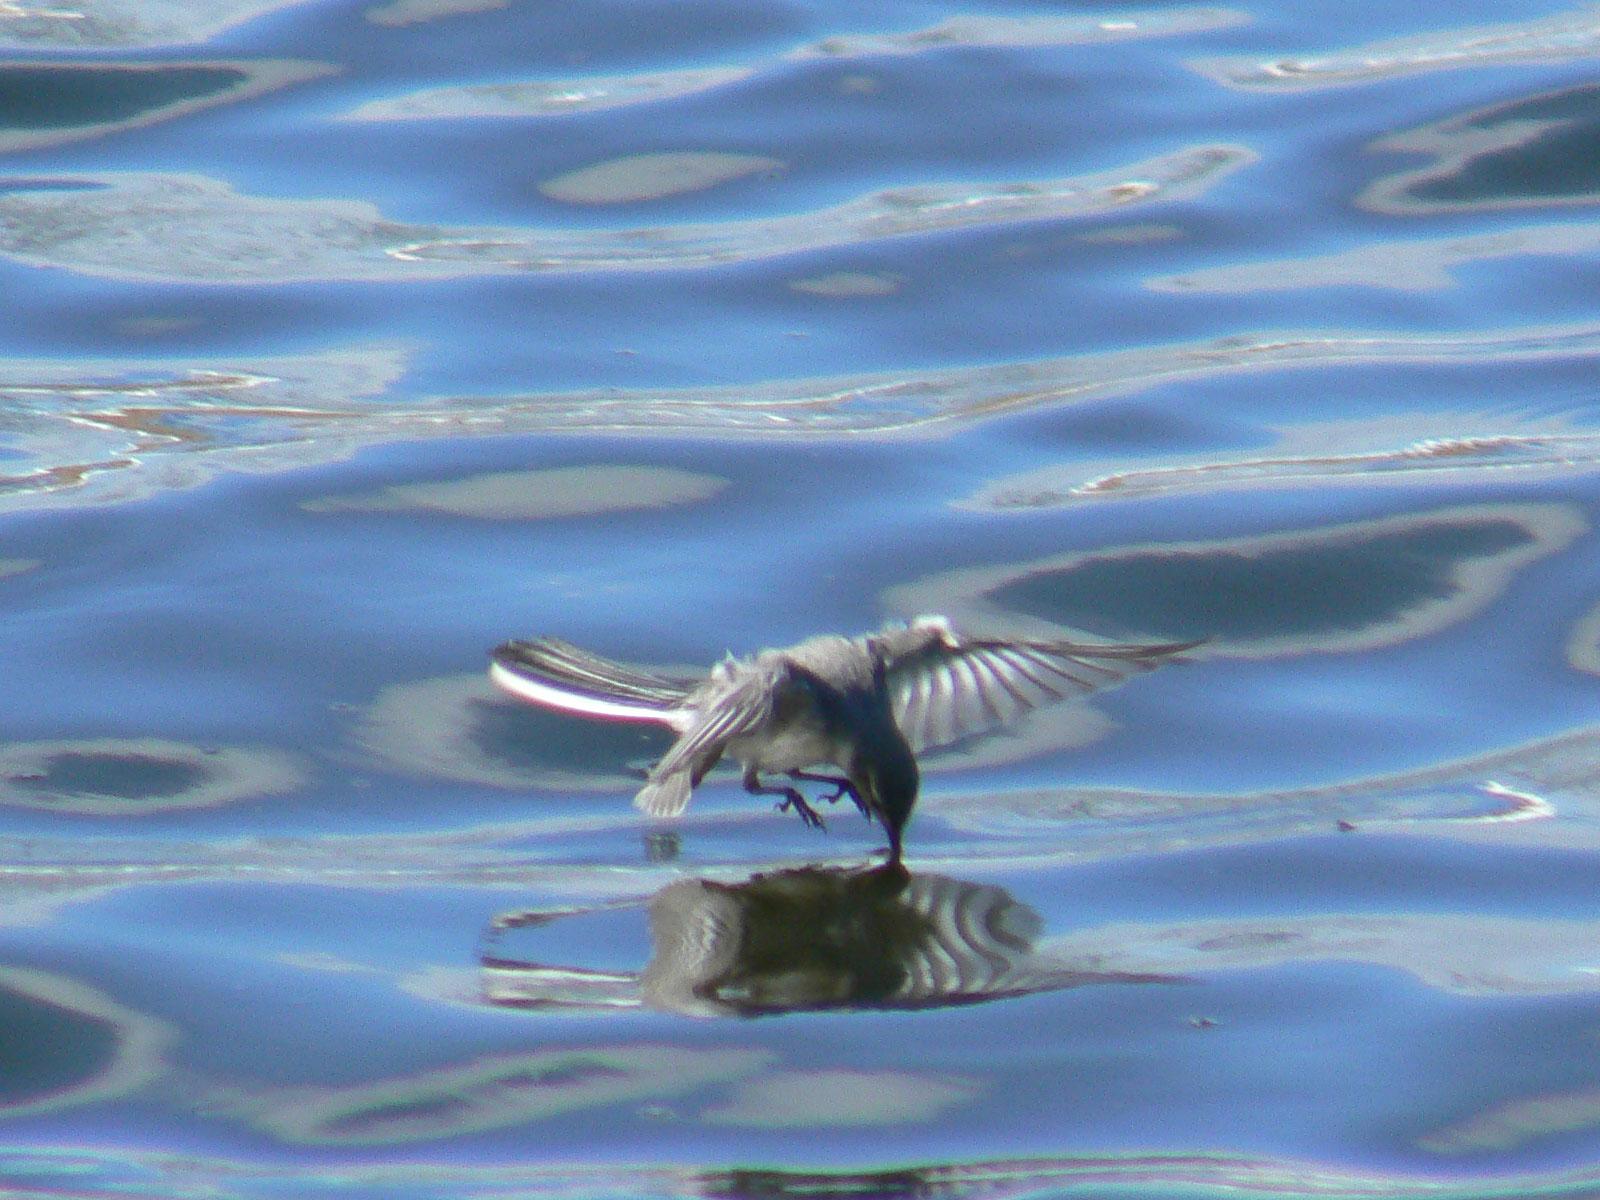 元気よく飛び回るハクセキレイの幼鳥たち (写真追加 7/6)_e0088233_672614.jpg